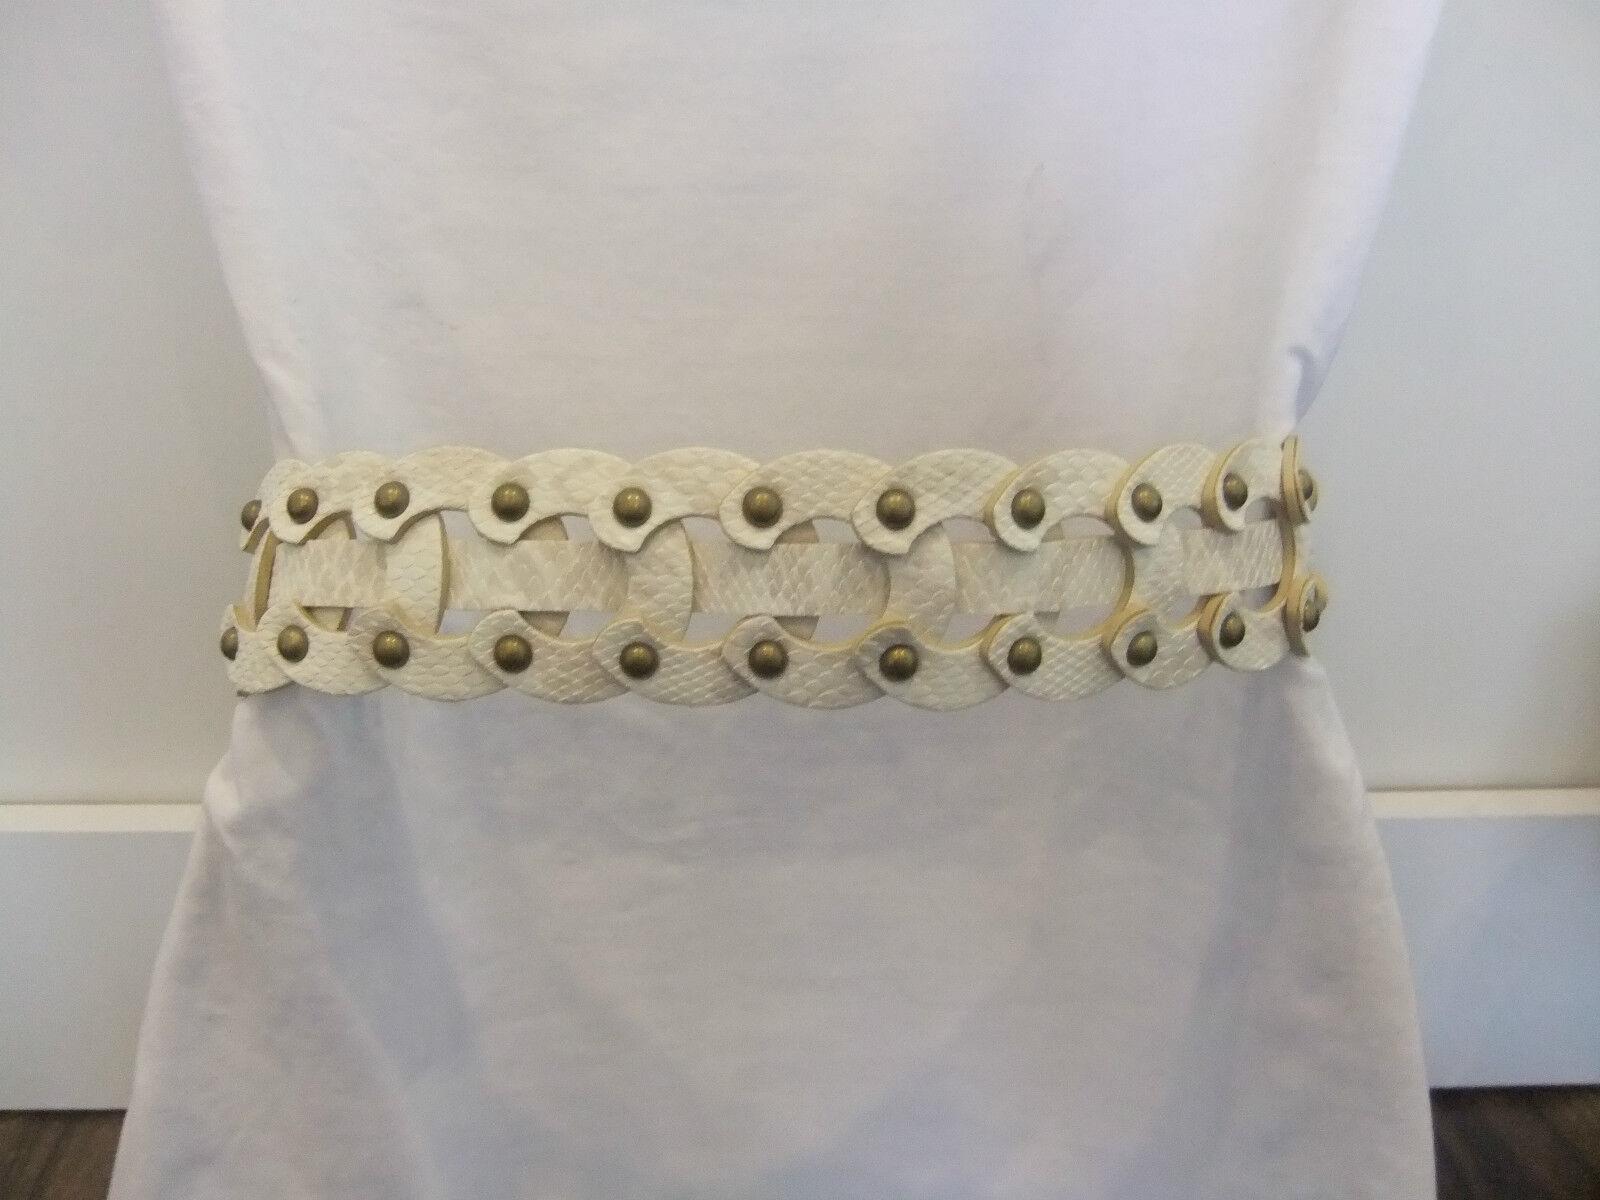 Para mujer Tachonada Blanco Cinturón Animal de la impresión del Faux Leather Nuevo Tamaño M/L